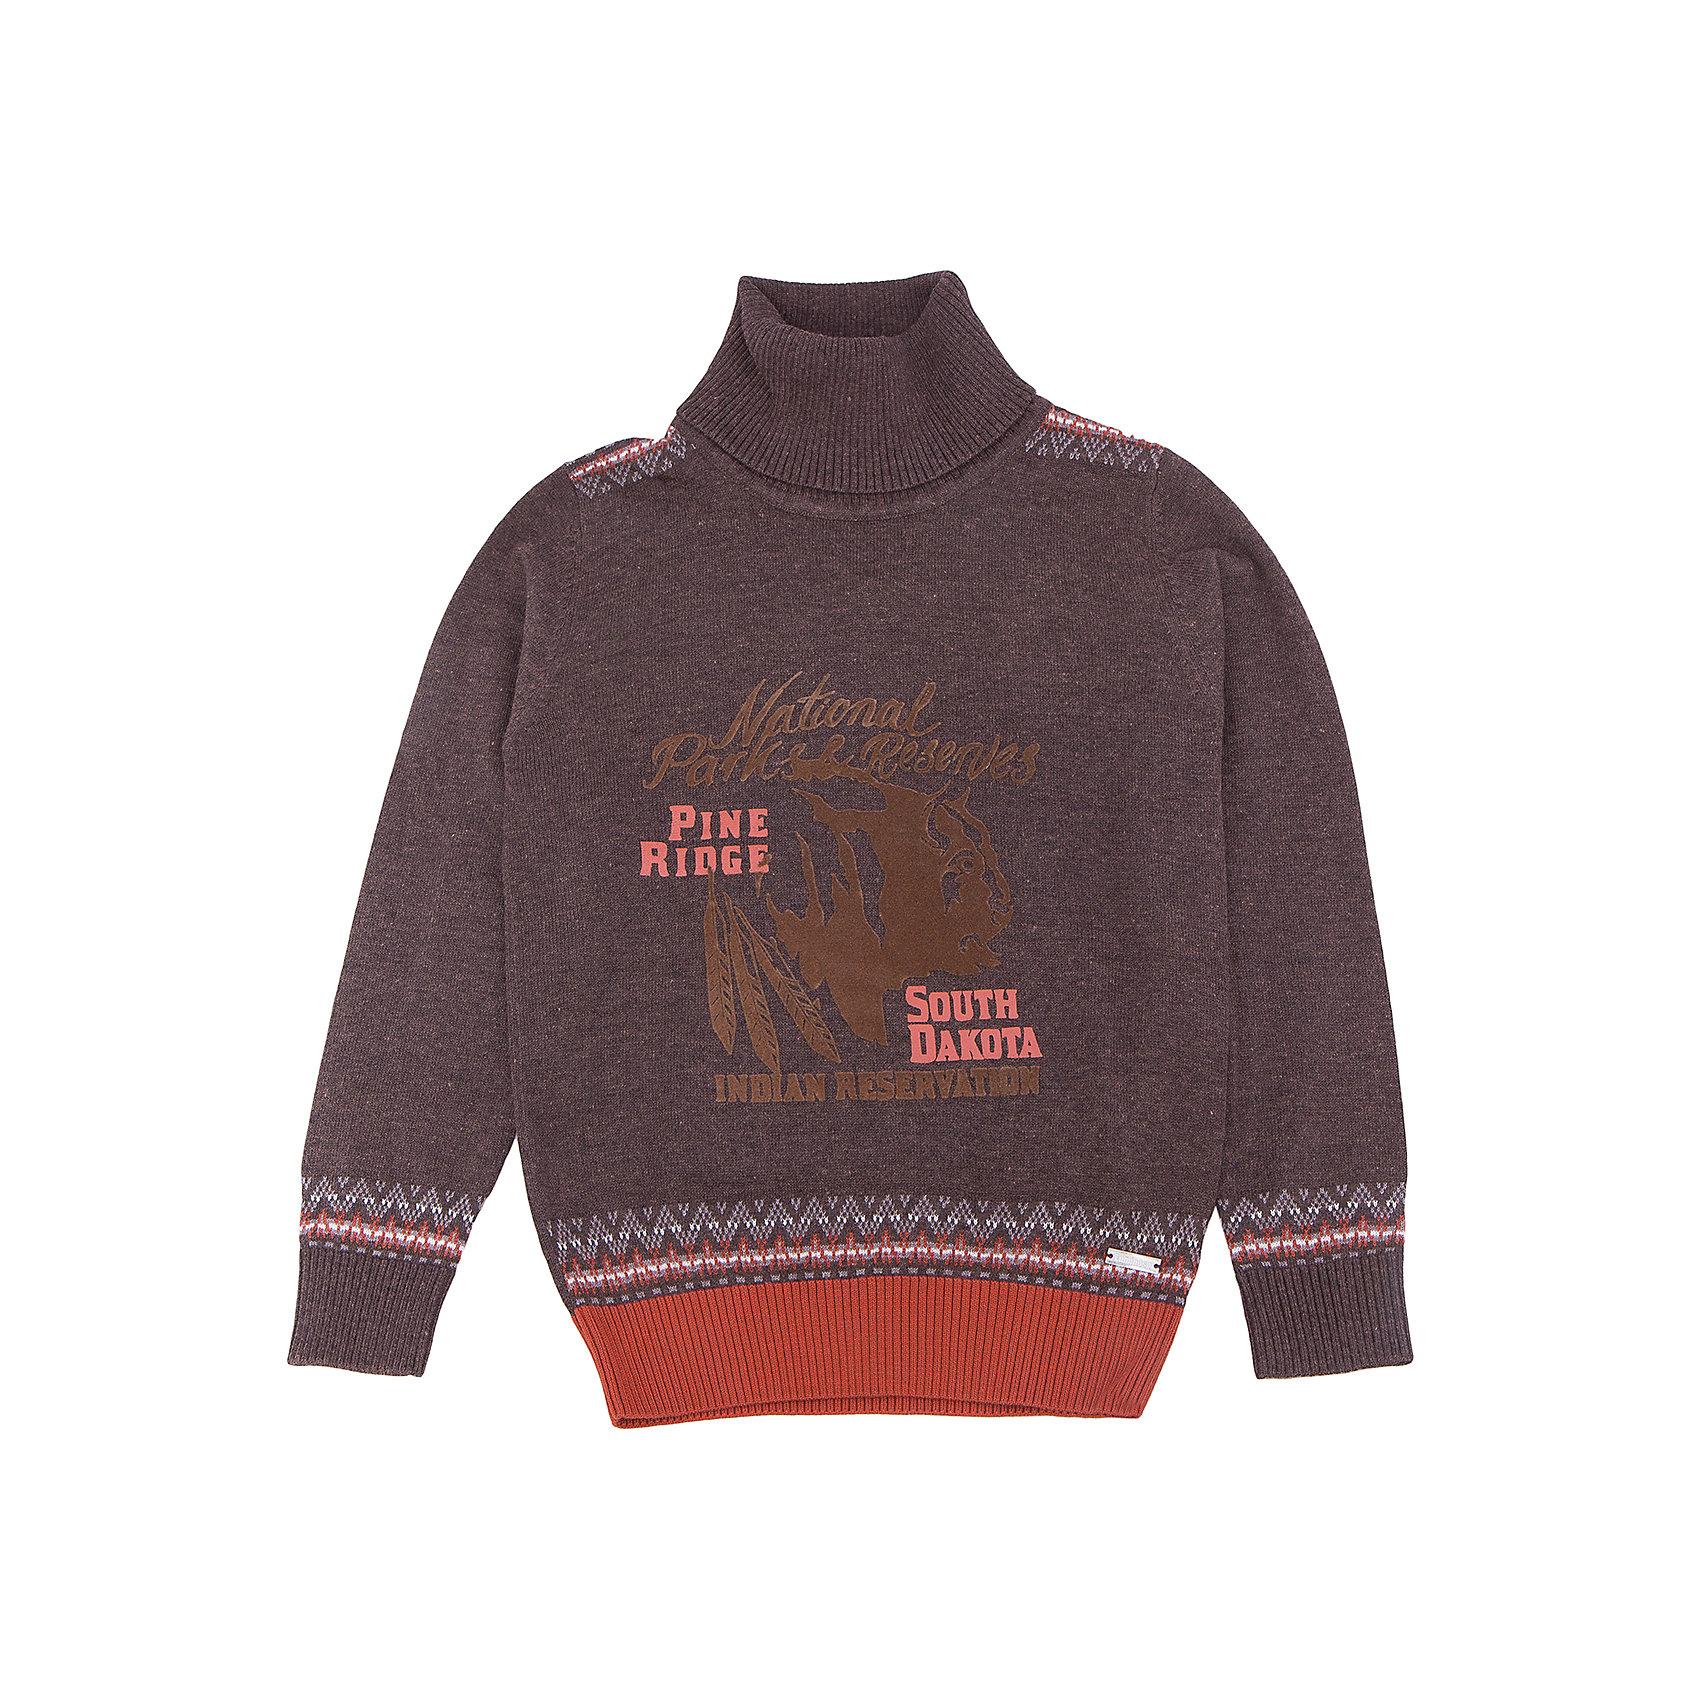 Водолазка для мальчика LuminosoХарактеристики товара:<br><br>- цвет: коричневый;<br>- материал: 60% хлопок, 40% акрил;<br>- качественная пряжа;<br>- резинка по низу и на рукавах;<br>- длинный рукав;<br>- вязаный узор;<br>- высокий ворот.<br><br>Стильная одежда от бренда Luminoso (Люминосо), созданная при участии итальянских дизайнеров, учитывает потребности подростков и последние веяния моды. Она удобная и модная.<br>Эта тонкая вязаная водолазка идеальна для прохладной погоды. Она хорошо сидит на ребенке, обеспечивает комфорт и отлично сочетается с одежной разных стилей. Модель отличается высоким качеством пряжи и продуманным дизайном.<br><br>Водолазку для мальчика от бренда Luminoso (Люминосо) можно купить в нашем интернет-магазине.<br><br>Ширина мм: 230<br>Глубина мм: 40<br>Высота мм: 220<br>Вес г: 250<br>Цвет: коричневый<br>Возраст от месяцев: 156<br>Возраст до месяцев: 168<br>Пол: Мужской<br>Возраст: Детский<br>Размер: 164,158,152,146,140,134<br>SKU: 4930921